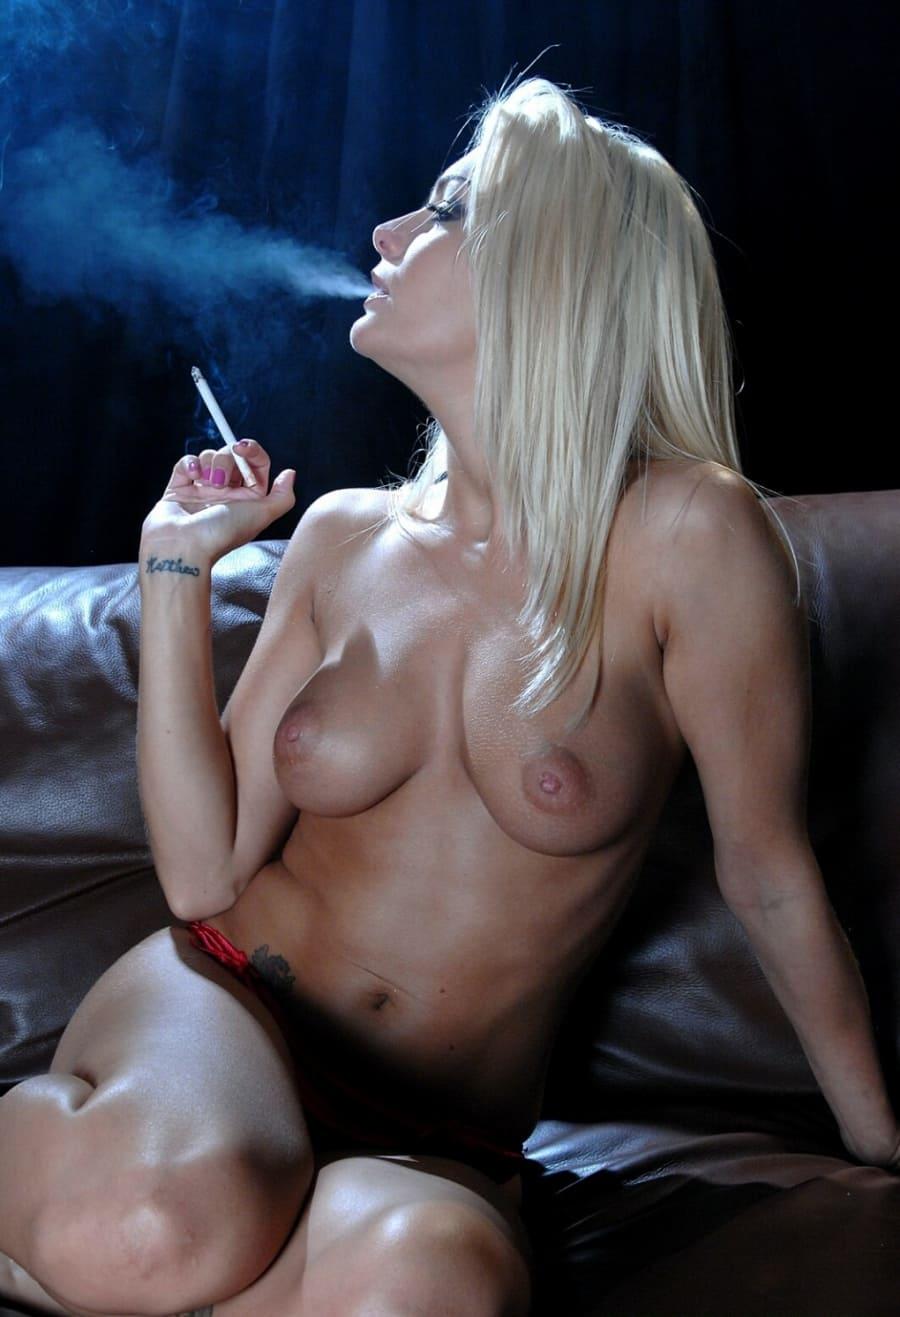 Красивая голая блондинка сидя на кожаном диване выдыхает дым от сигареты